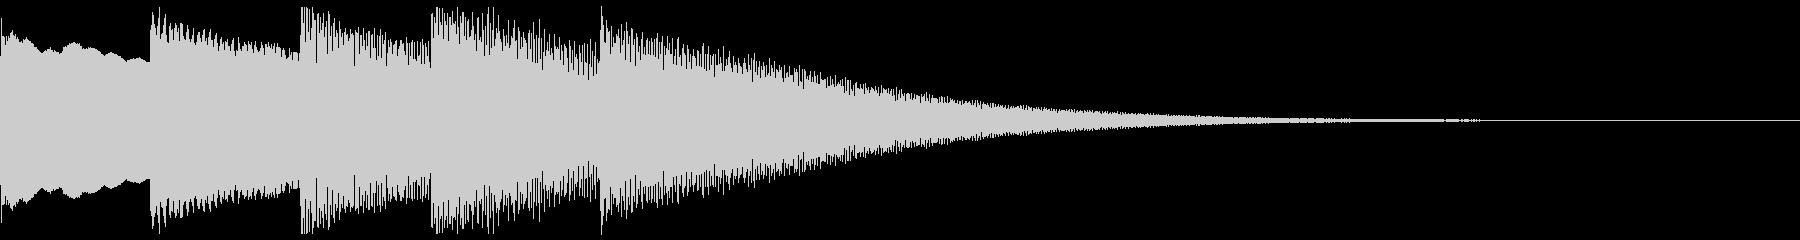 不穏なベルのMEの未再生の波形